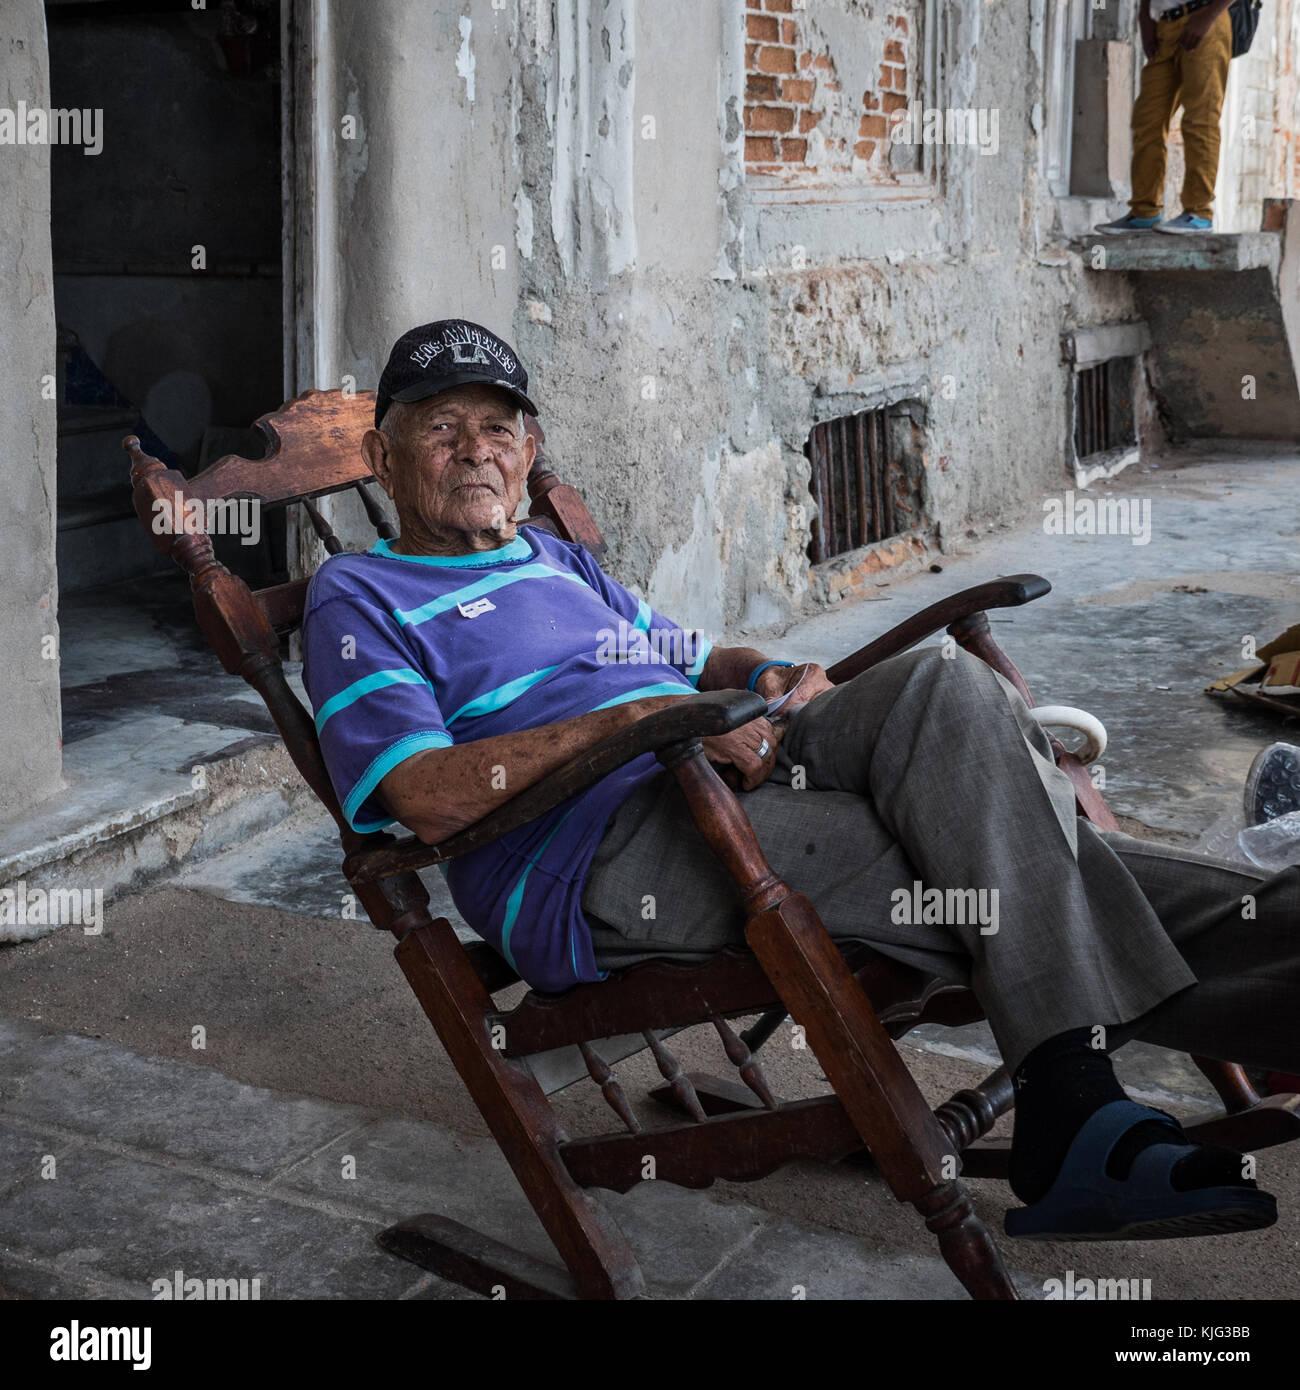 rocking chair elderly stockfotos rocking chair elderly bilder alamy. Black Bedroom Furniture Sets. Home Design Ideas